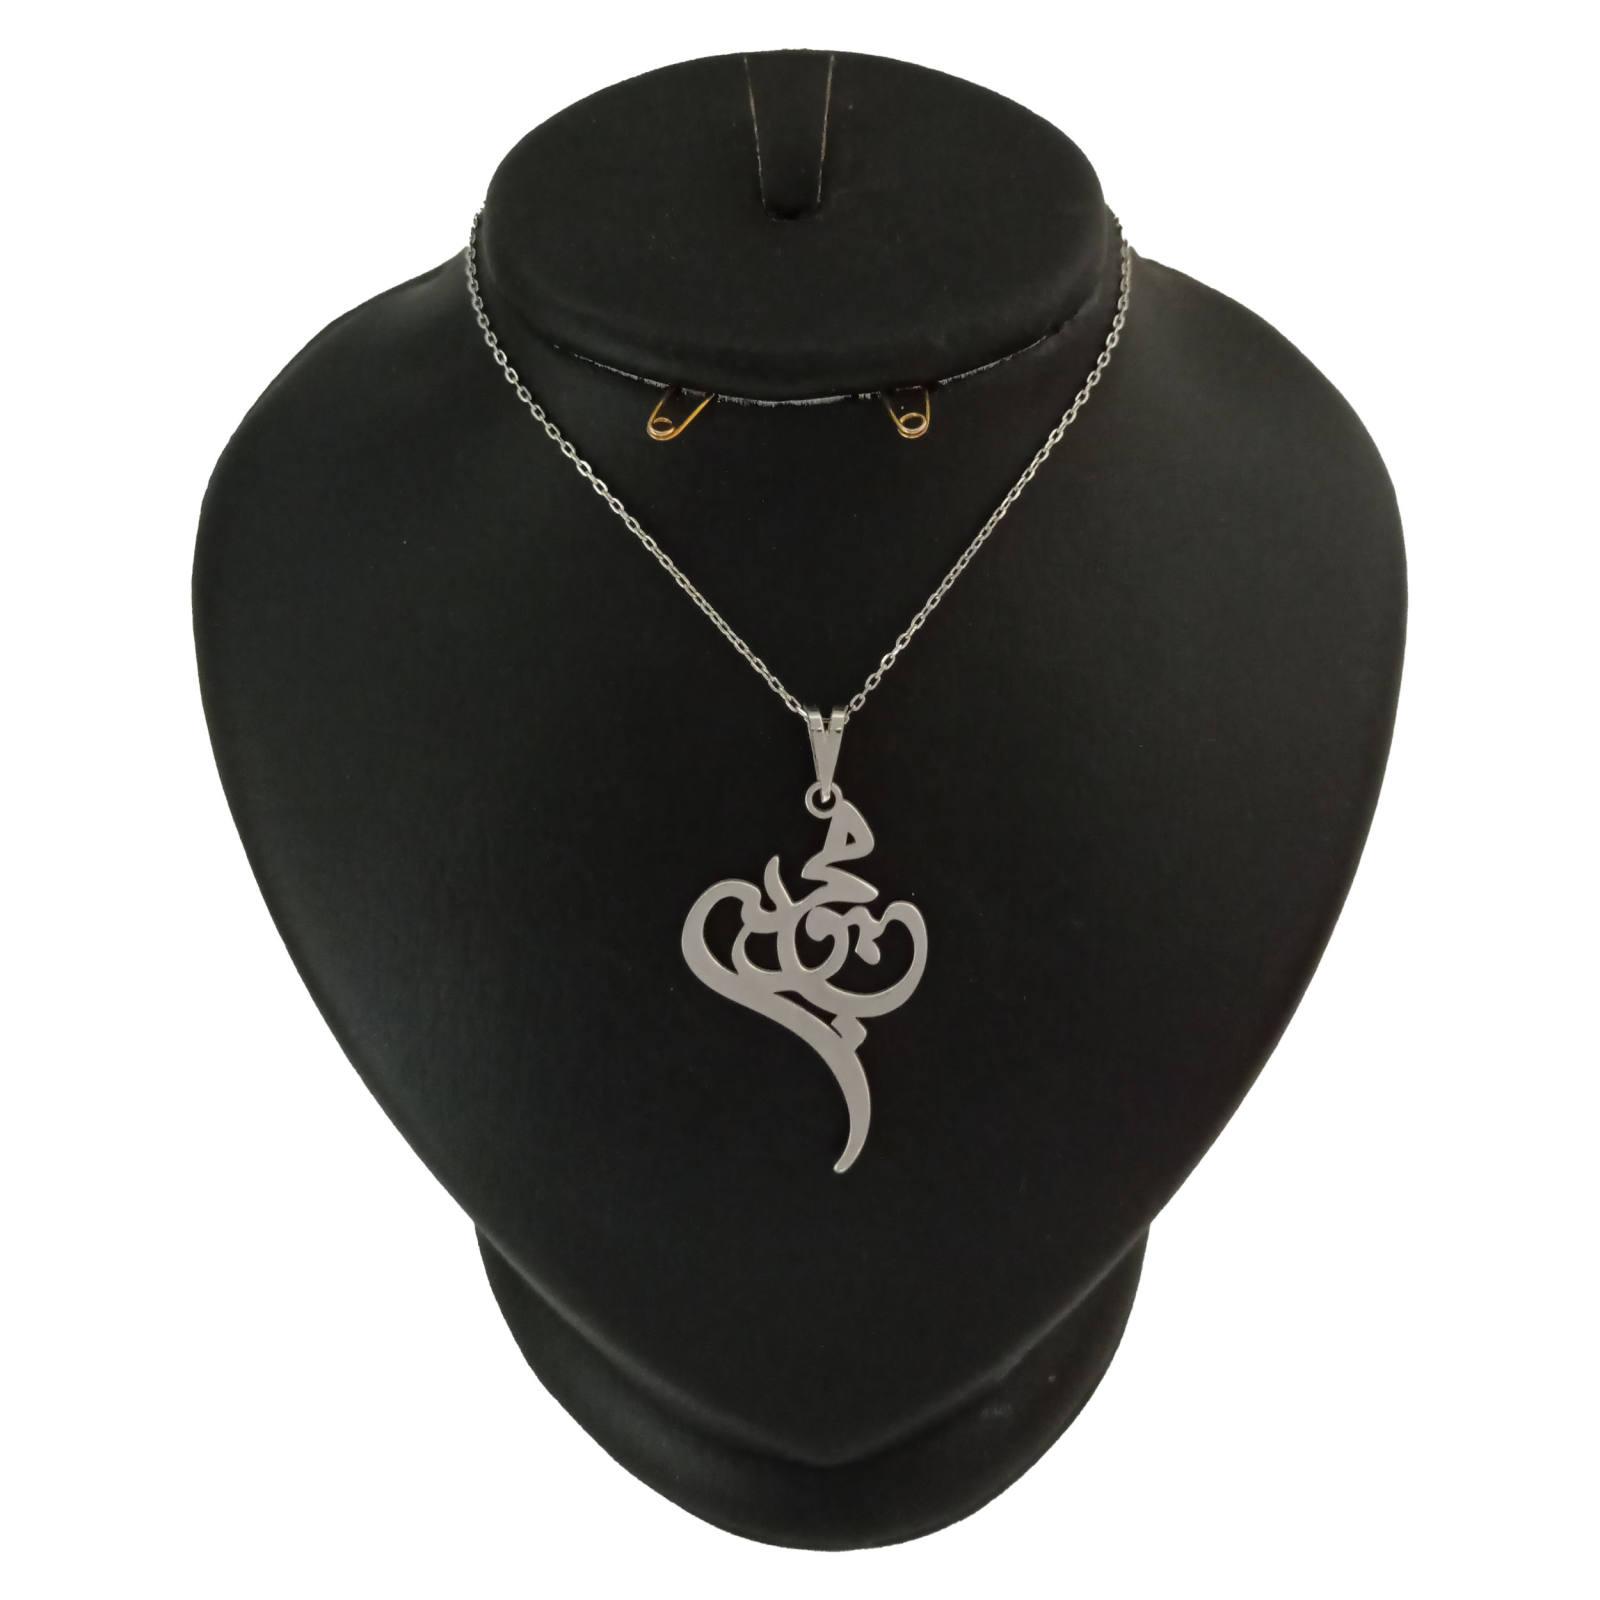 گردنبند نقره زنانه ترمه 1 طرح محبوبه کد mas 0028 -  - 2